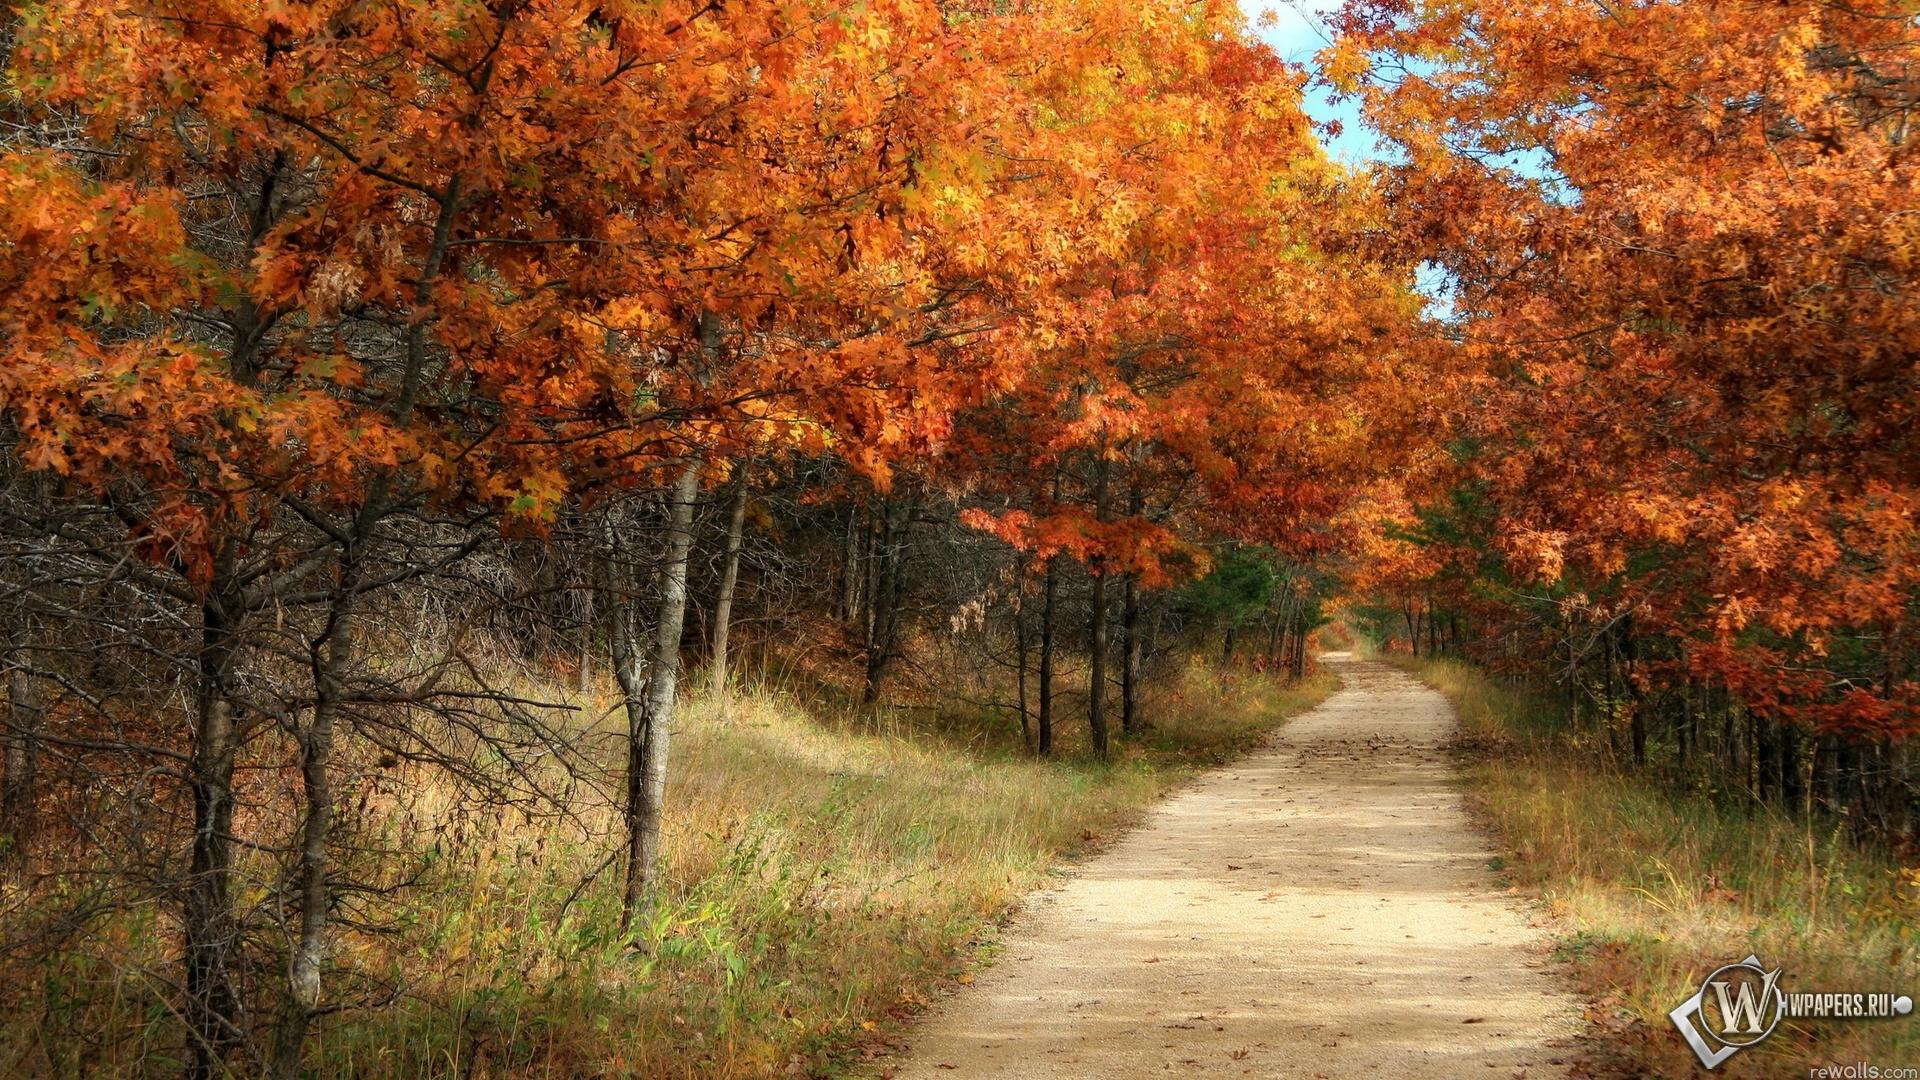 Осенний лес 1920x1080